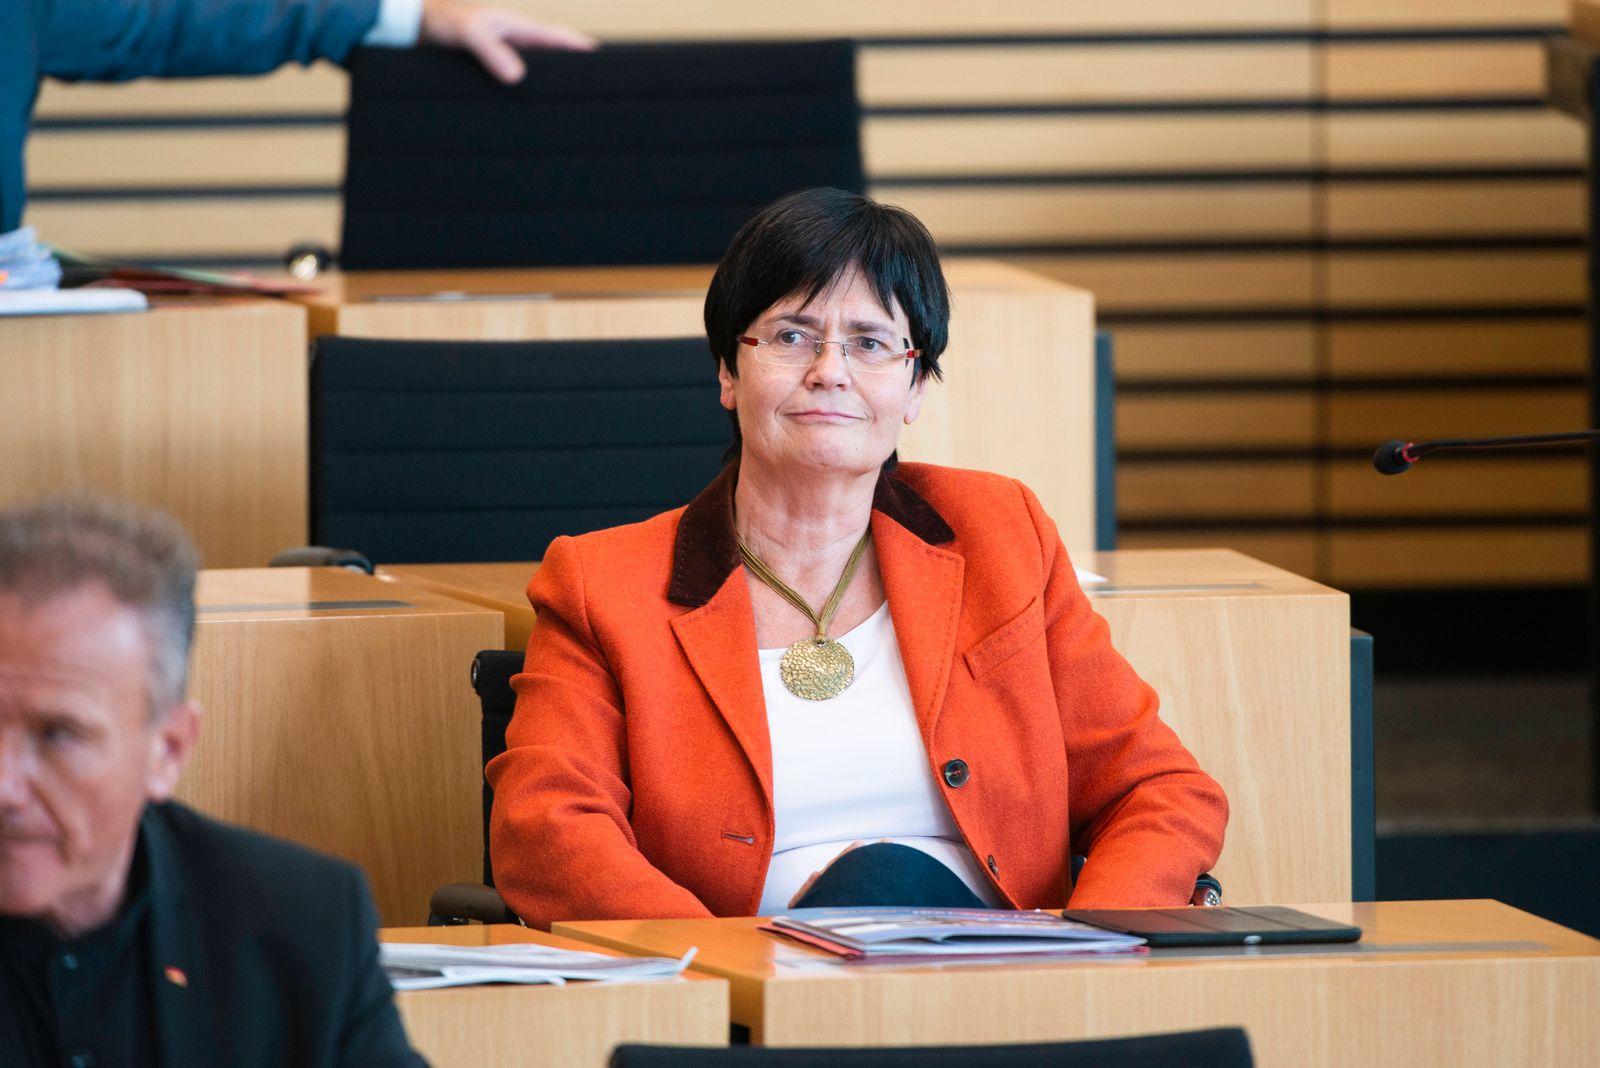 161. PLENARSITZUNG IM THÜRINGER LANDTAG 01/10/2019 - Erfurt: Christine Lieberknecht (CDU) in der 161. Plenarsitzung des